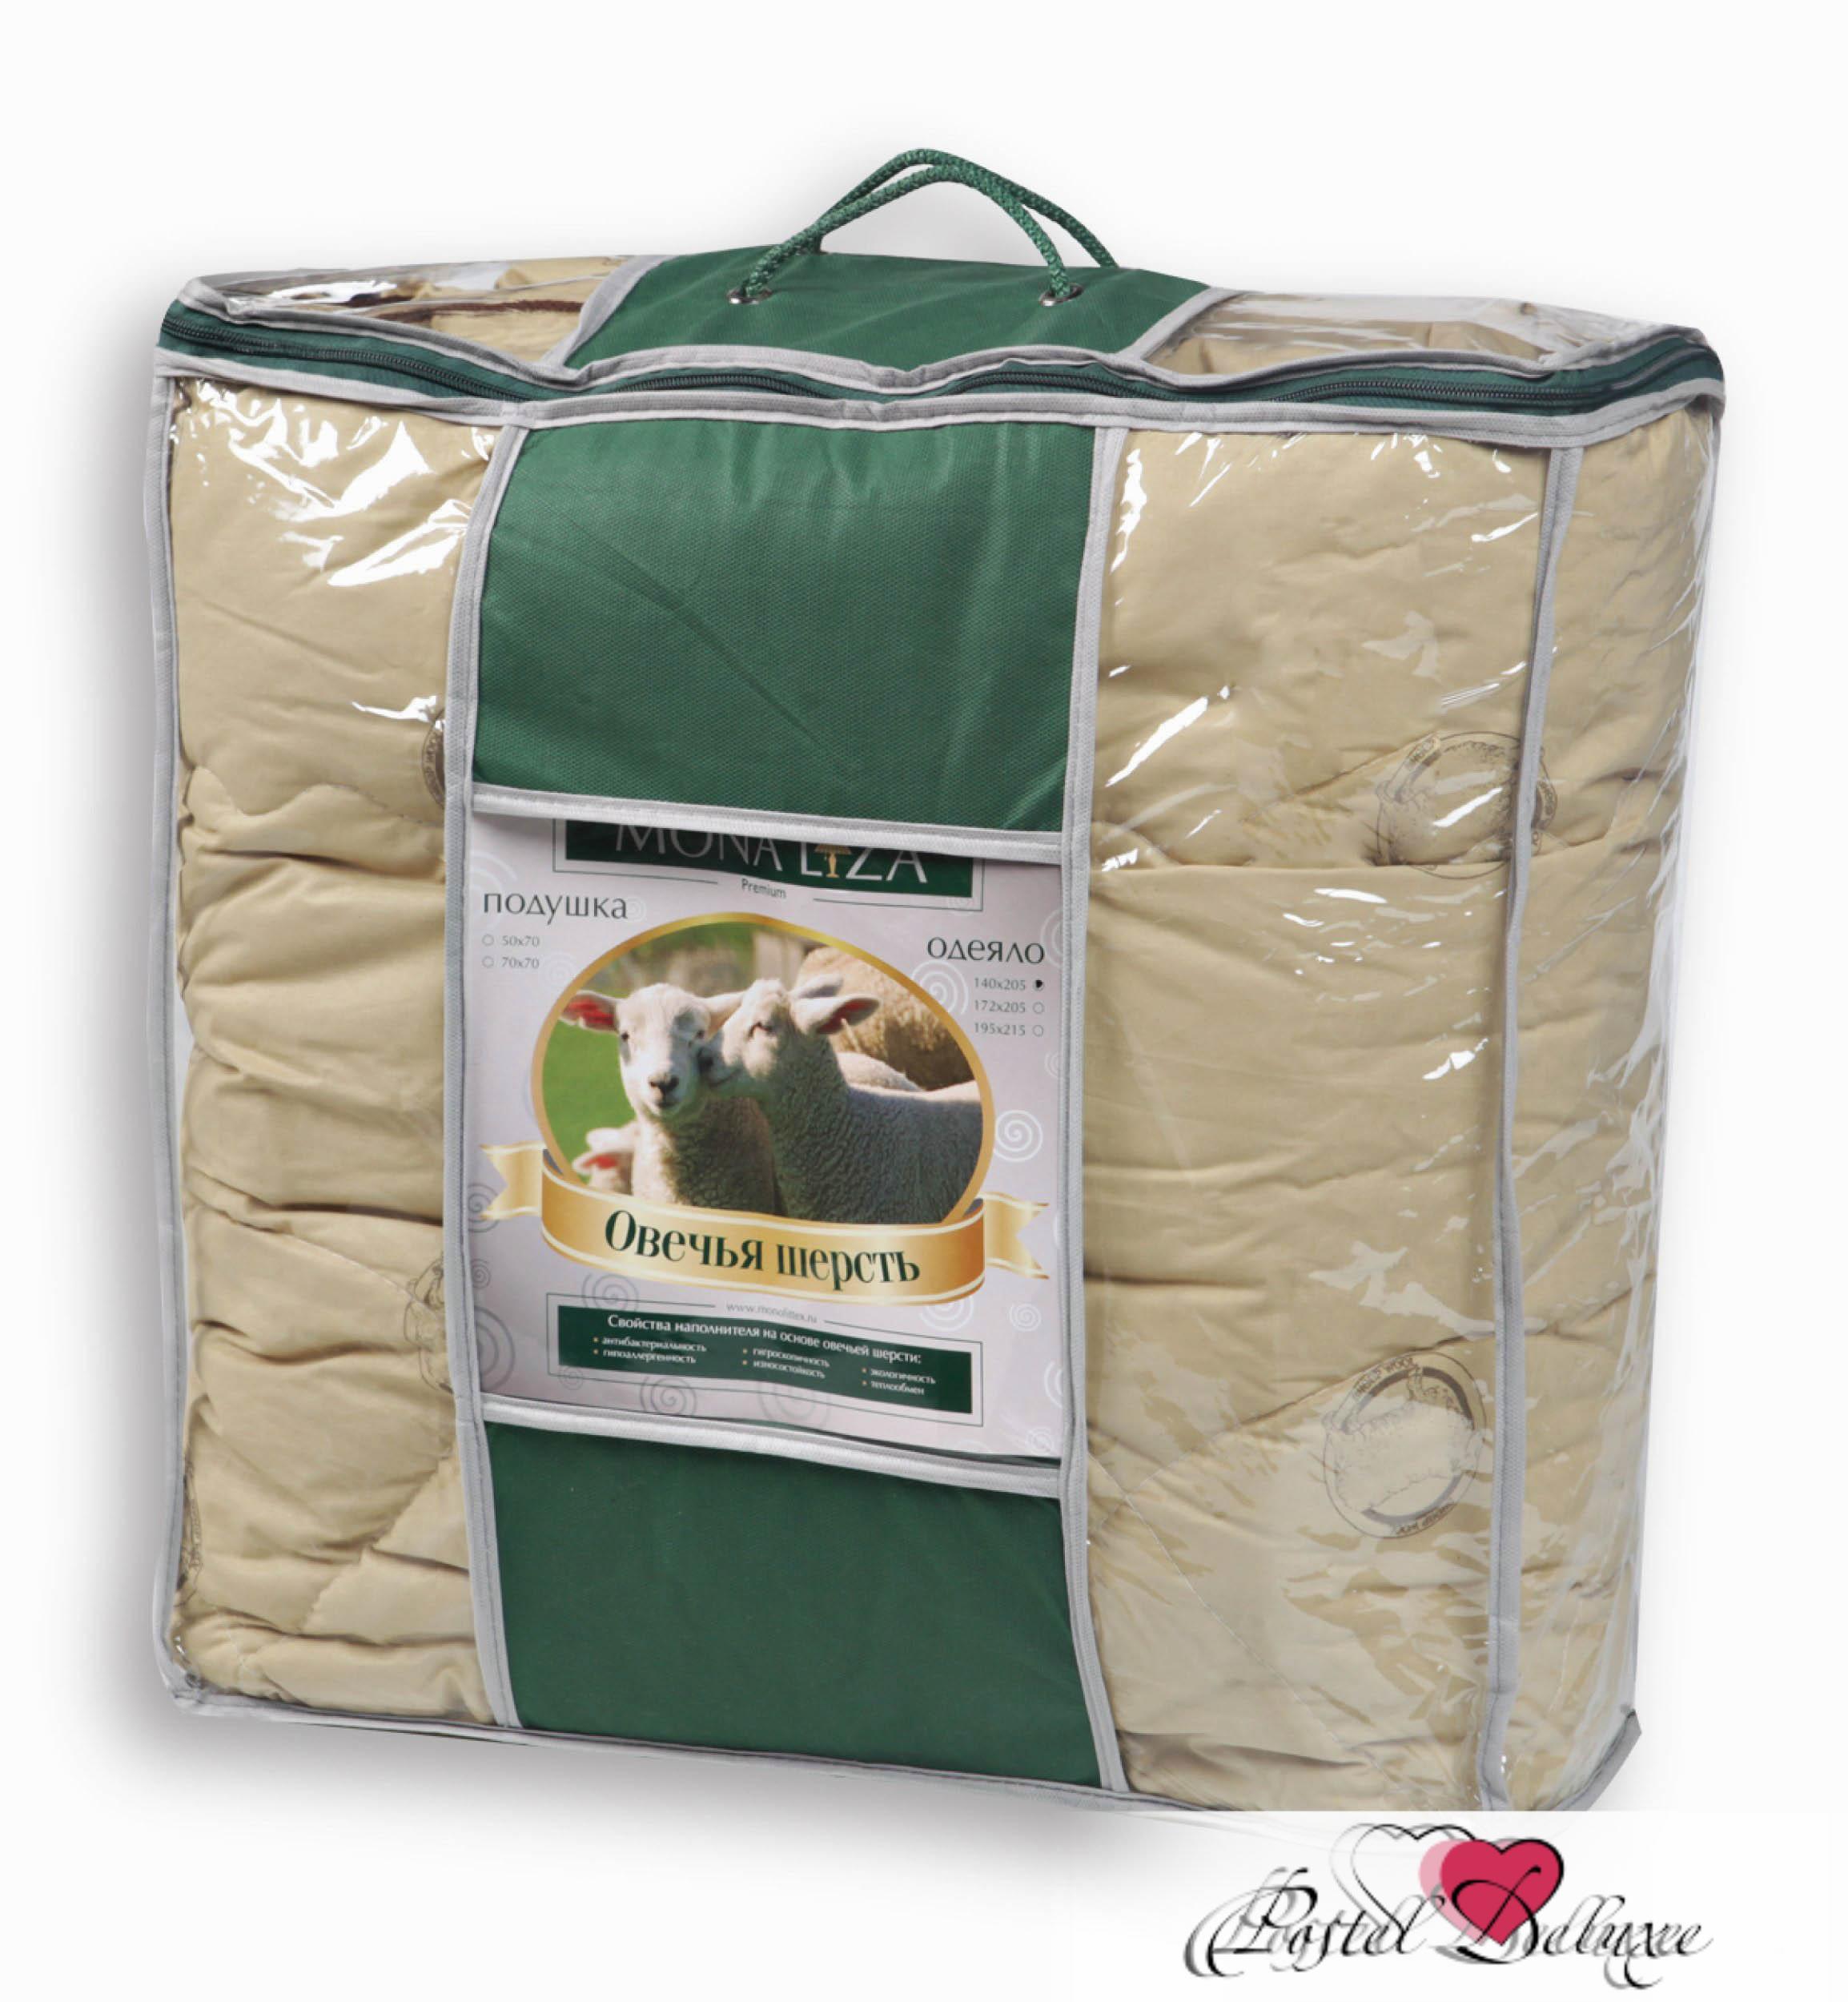 Одеяла Mona Liza Одеяло Овечья шерсть (140х205 см) овечья шерсть носки варежки купить минск